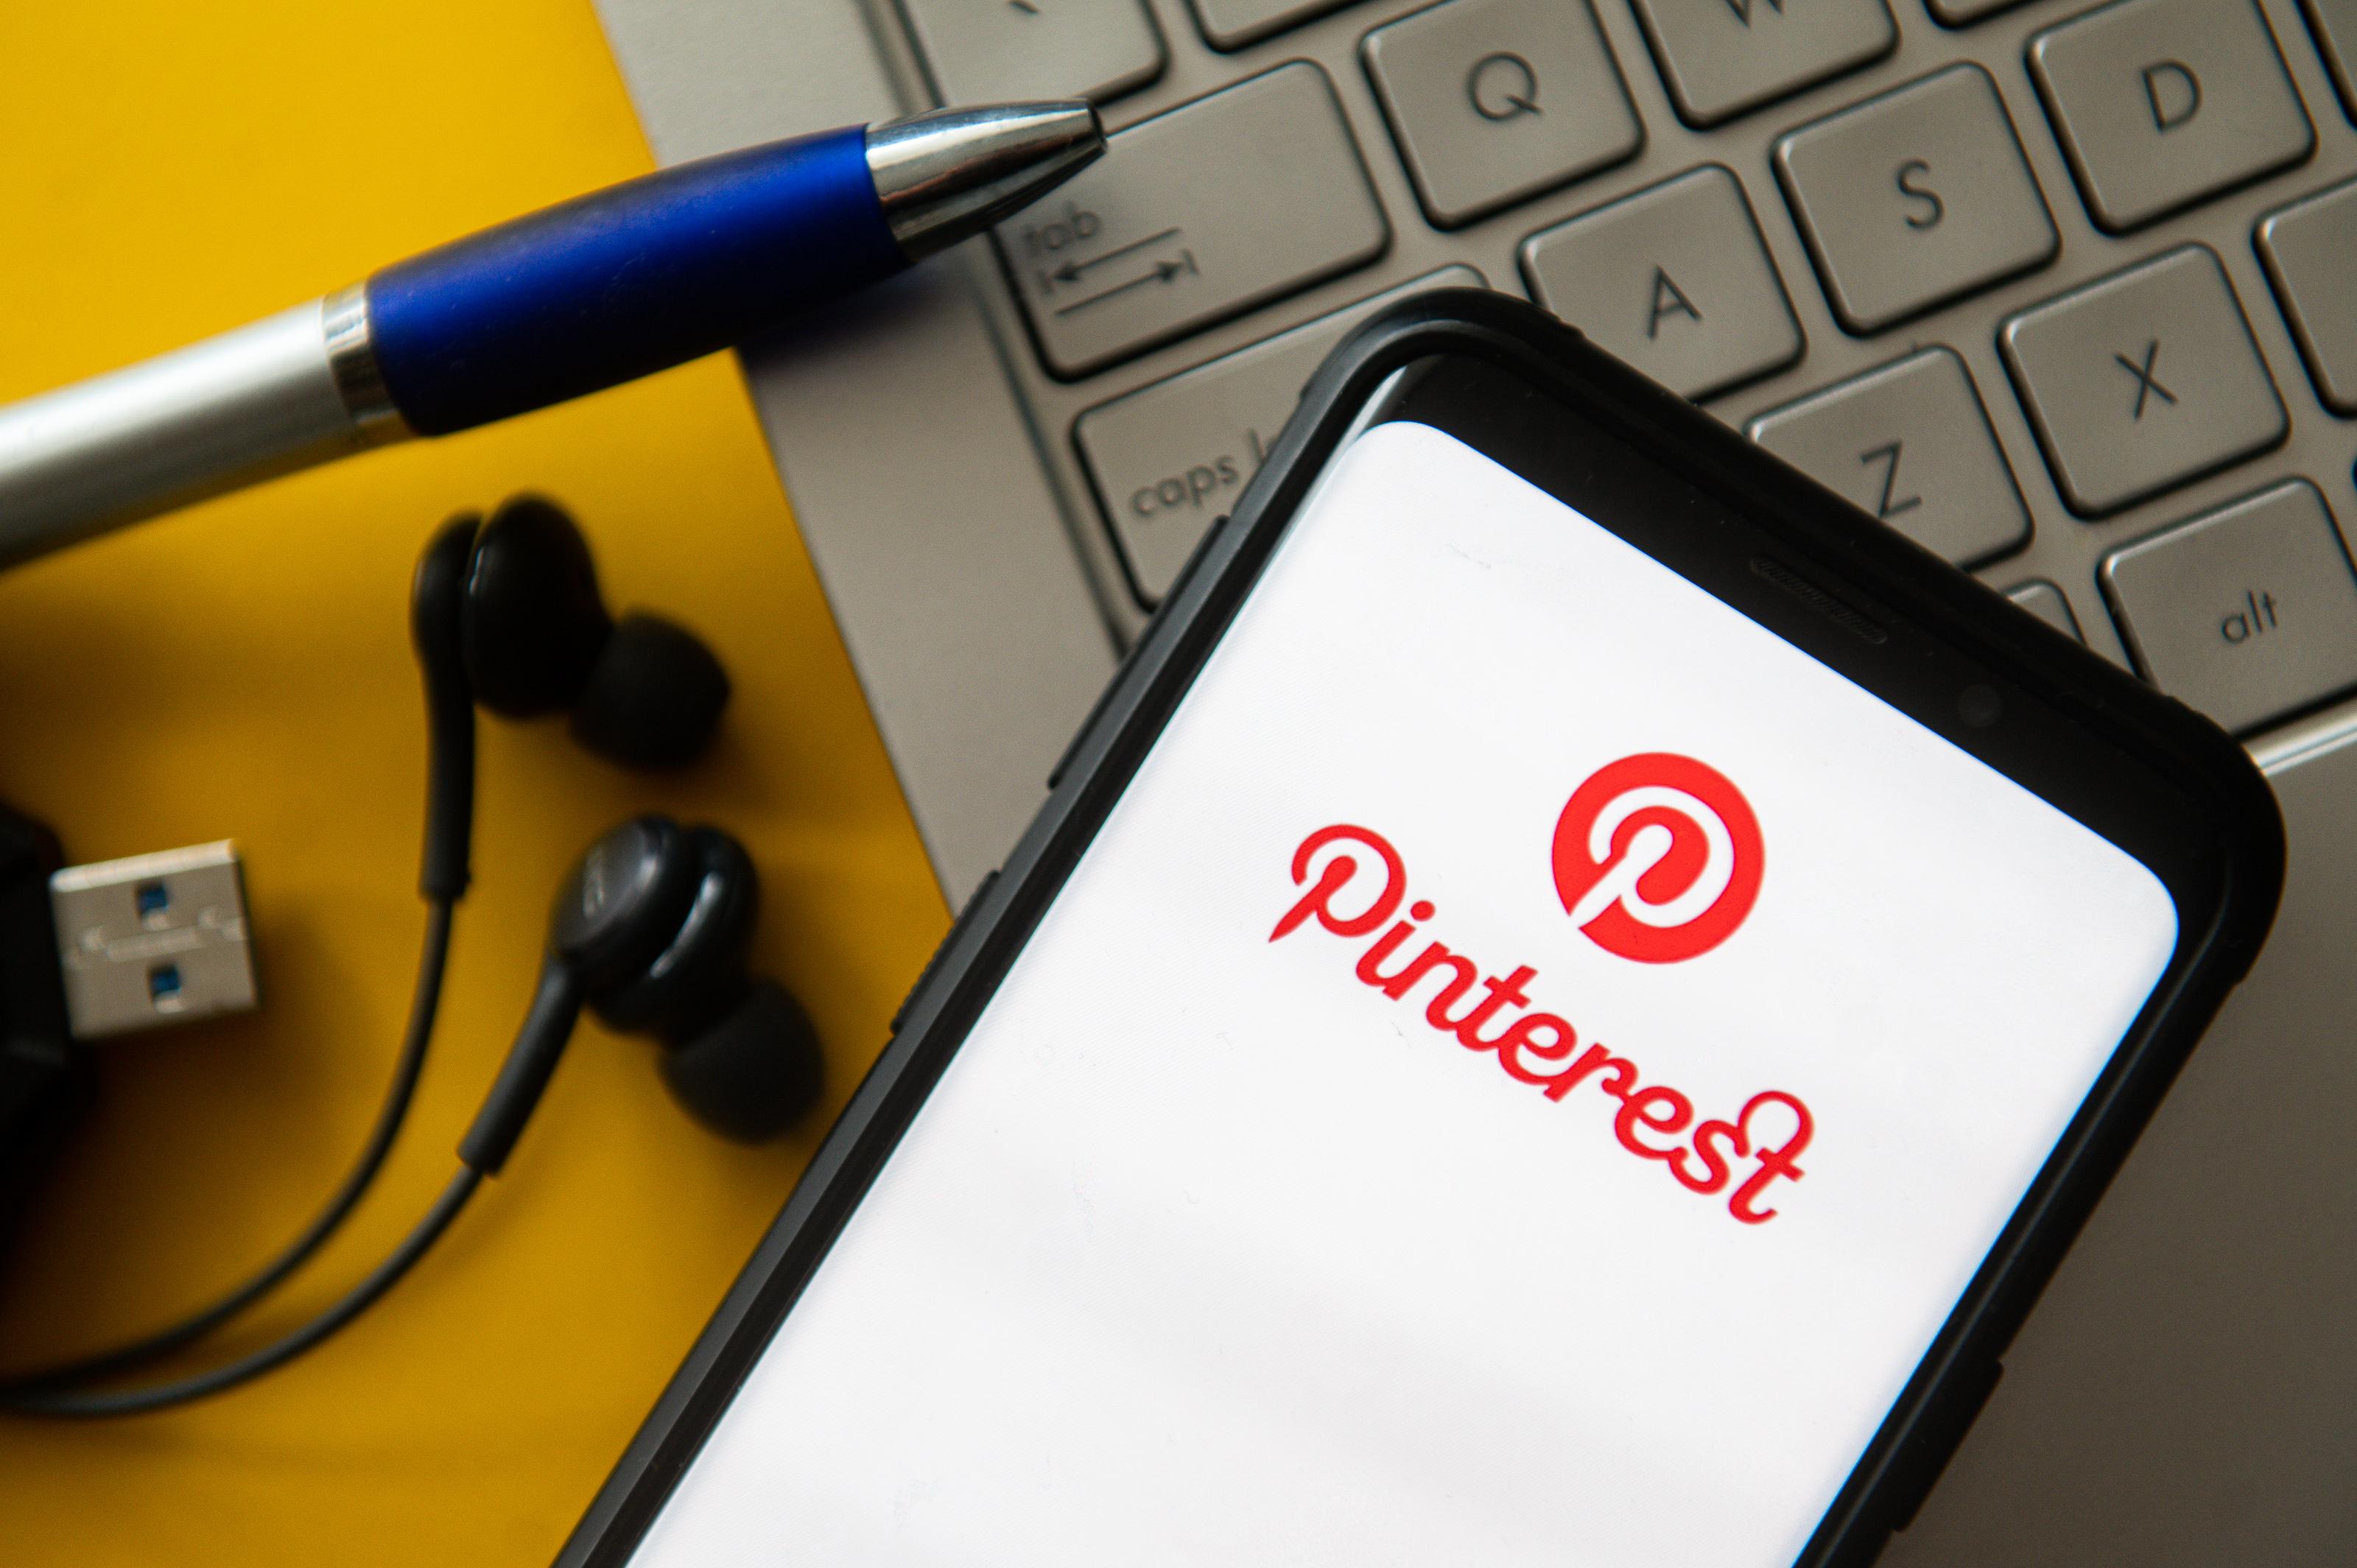 Pinterest tüm zayıflama reklamlarını yasaklıyor | Engadget